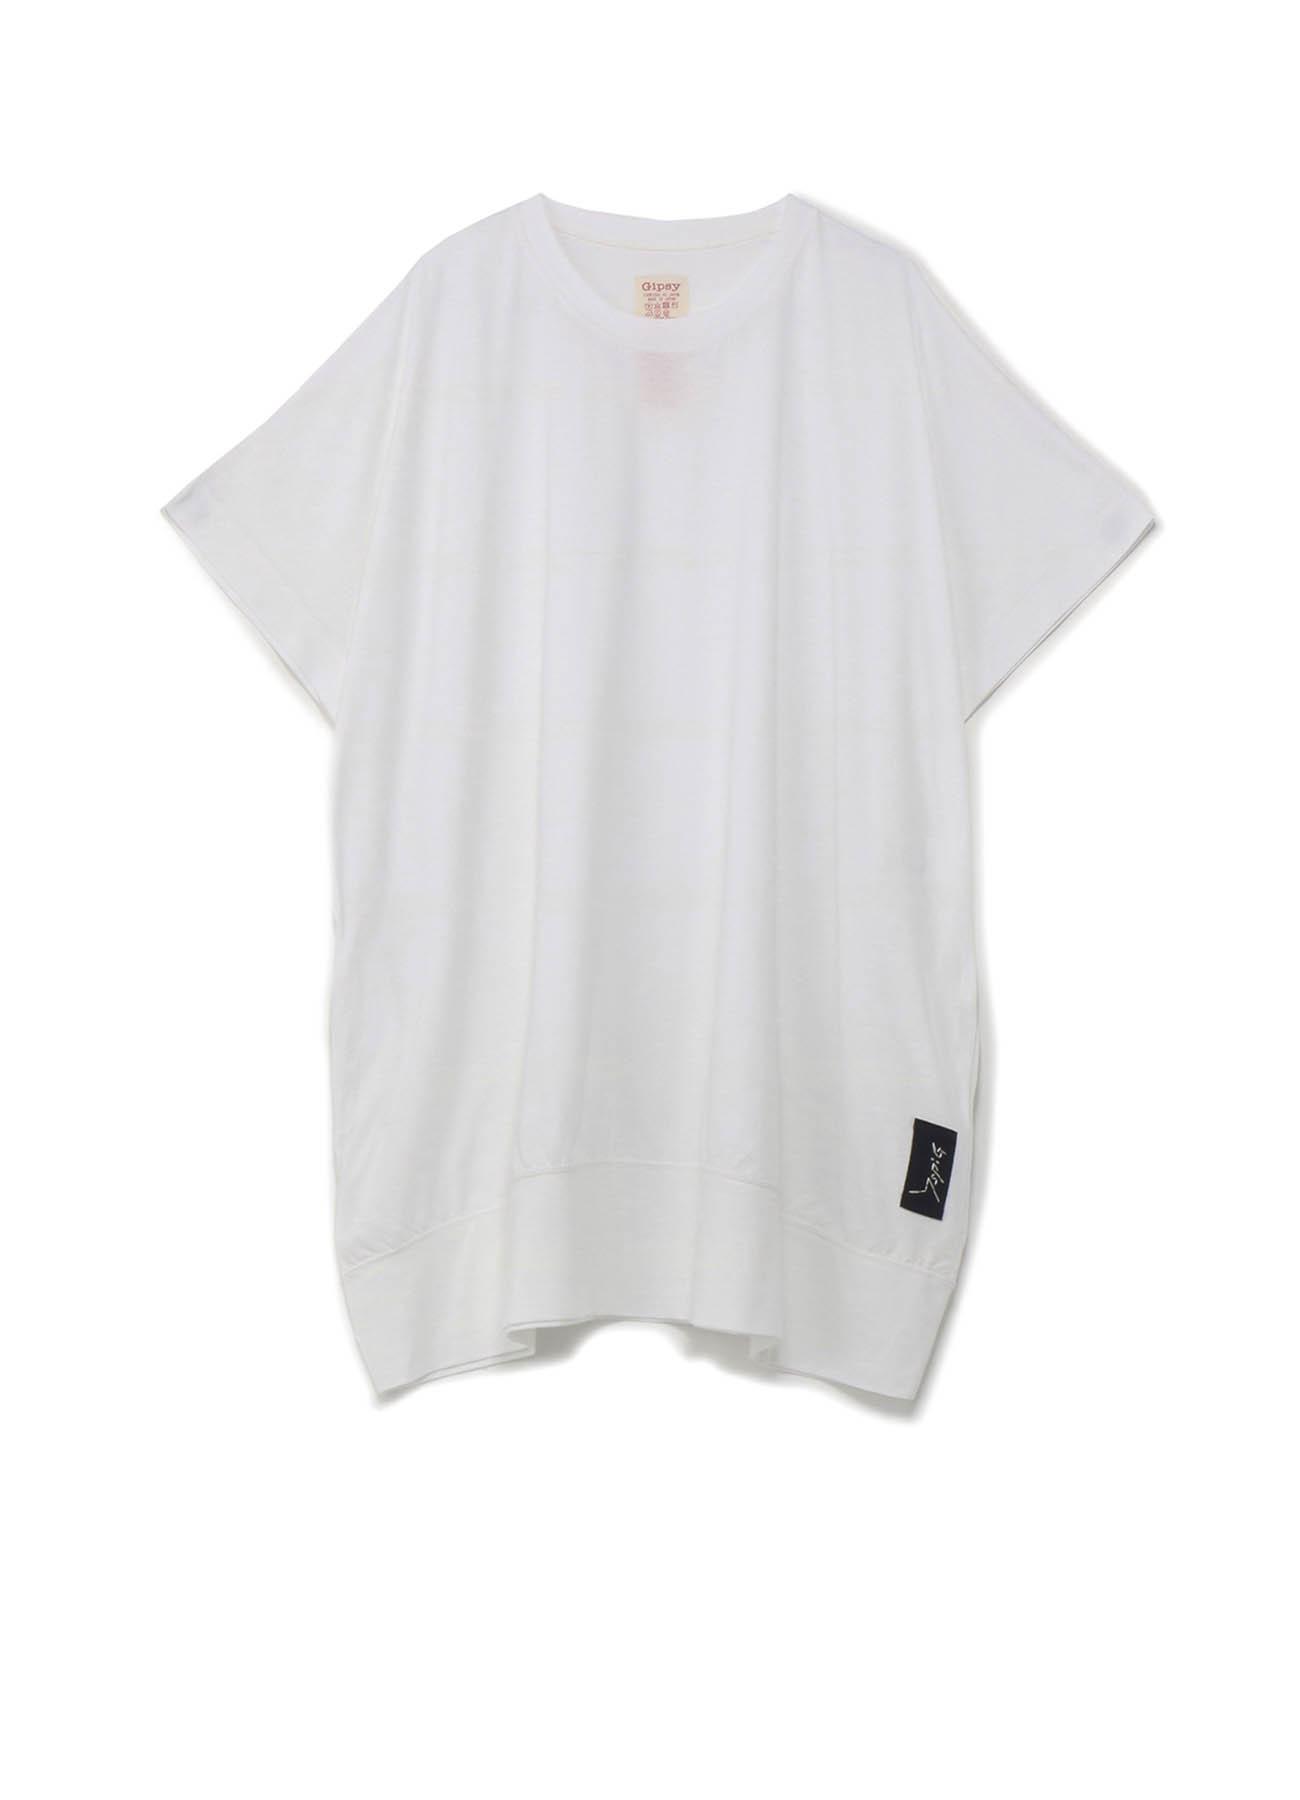 Gipsy コットン ビッグTシャツ